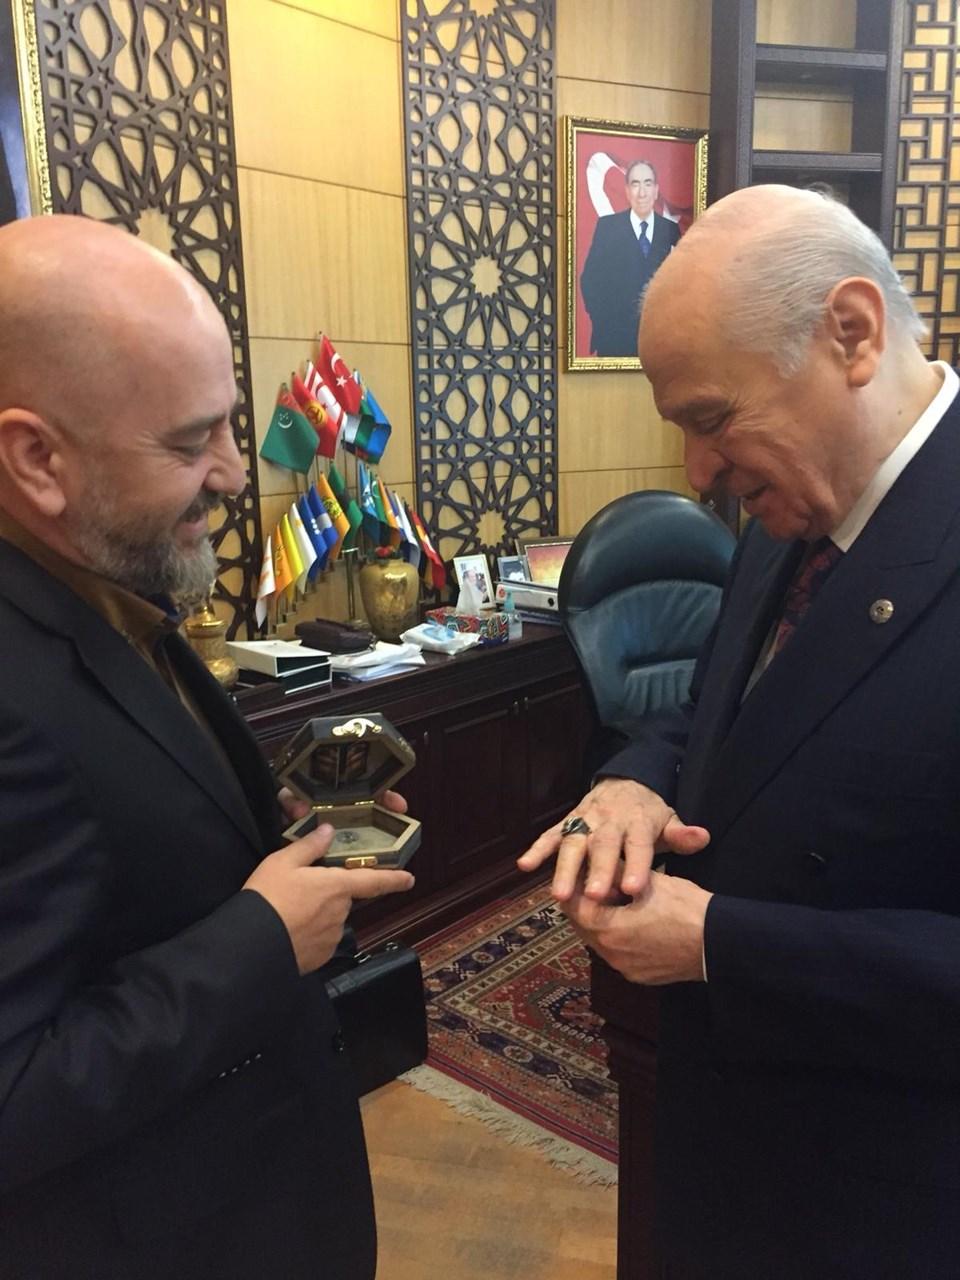 Takı tasarımcısı Servet Küçükdemirel ve MHP lideri Devlet Bahçeli